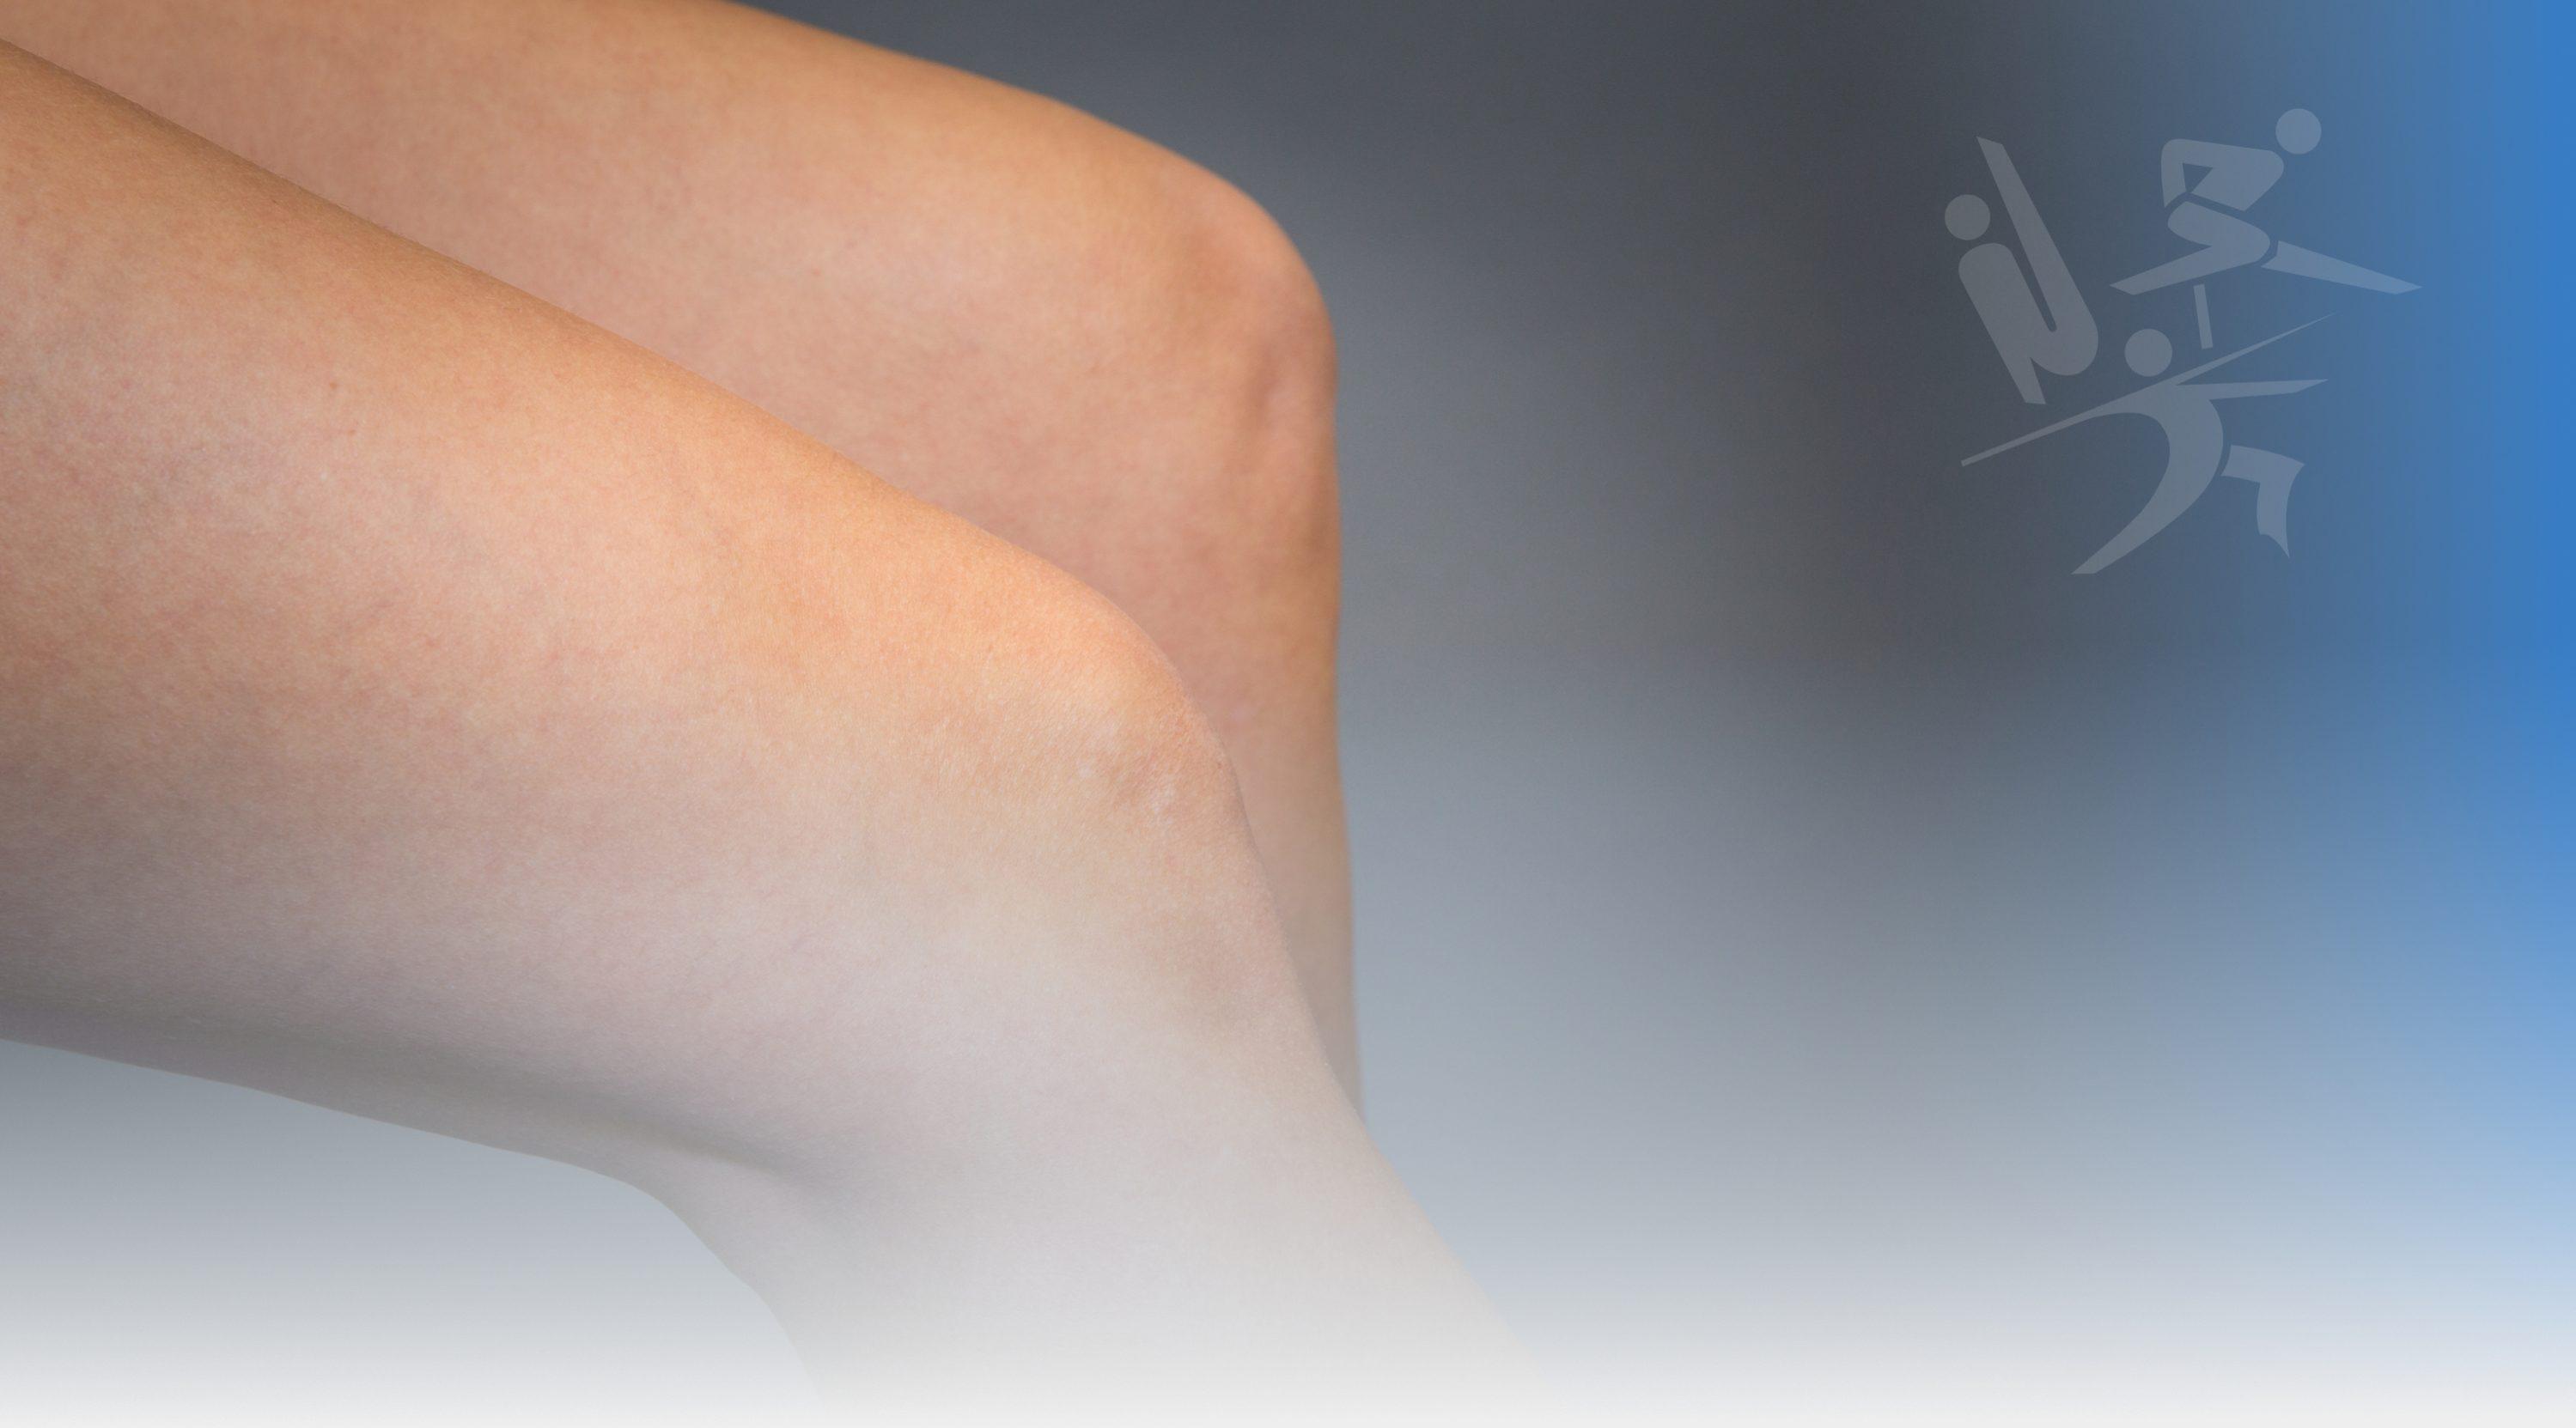 Knorpelschaden im Knie – Behandlung ohne Operation